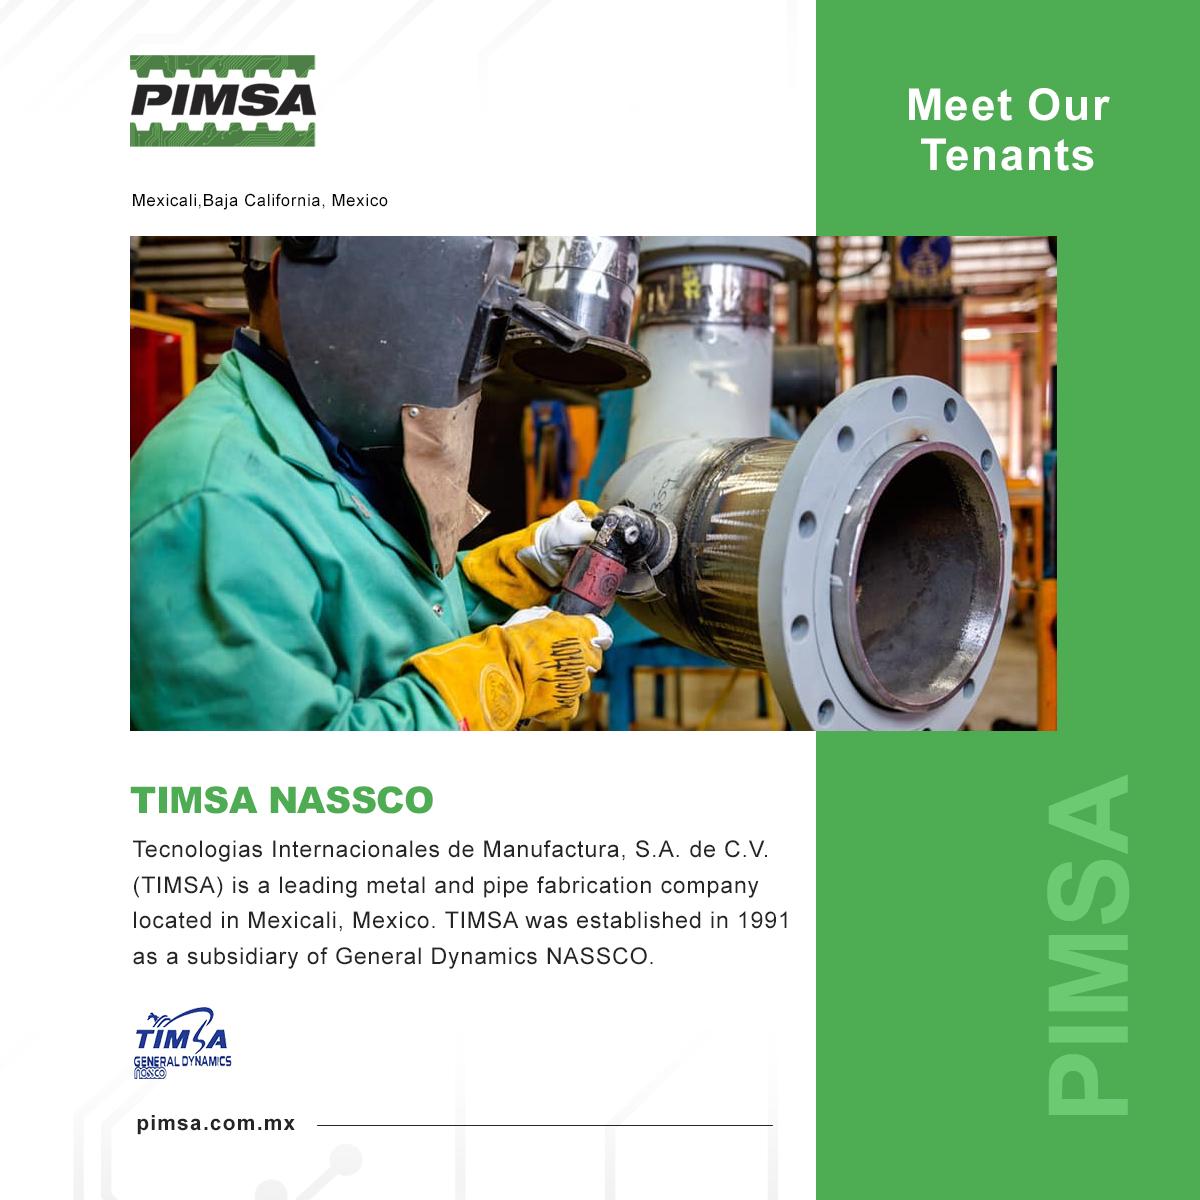 Pimsa_TIMSA2020.jpg